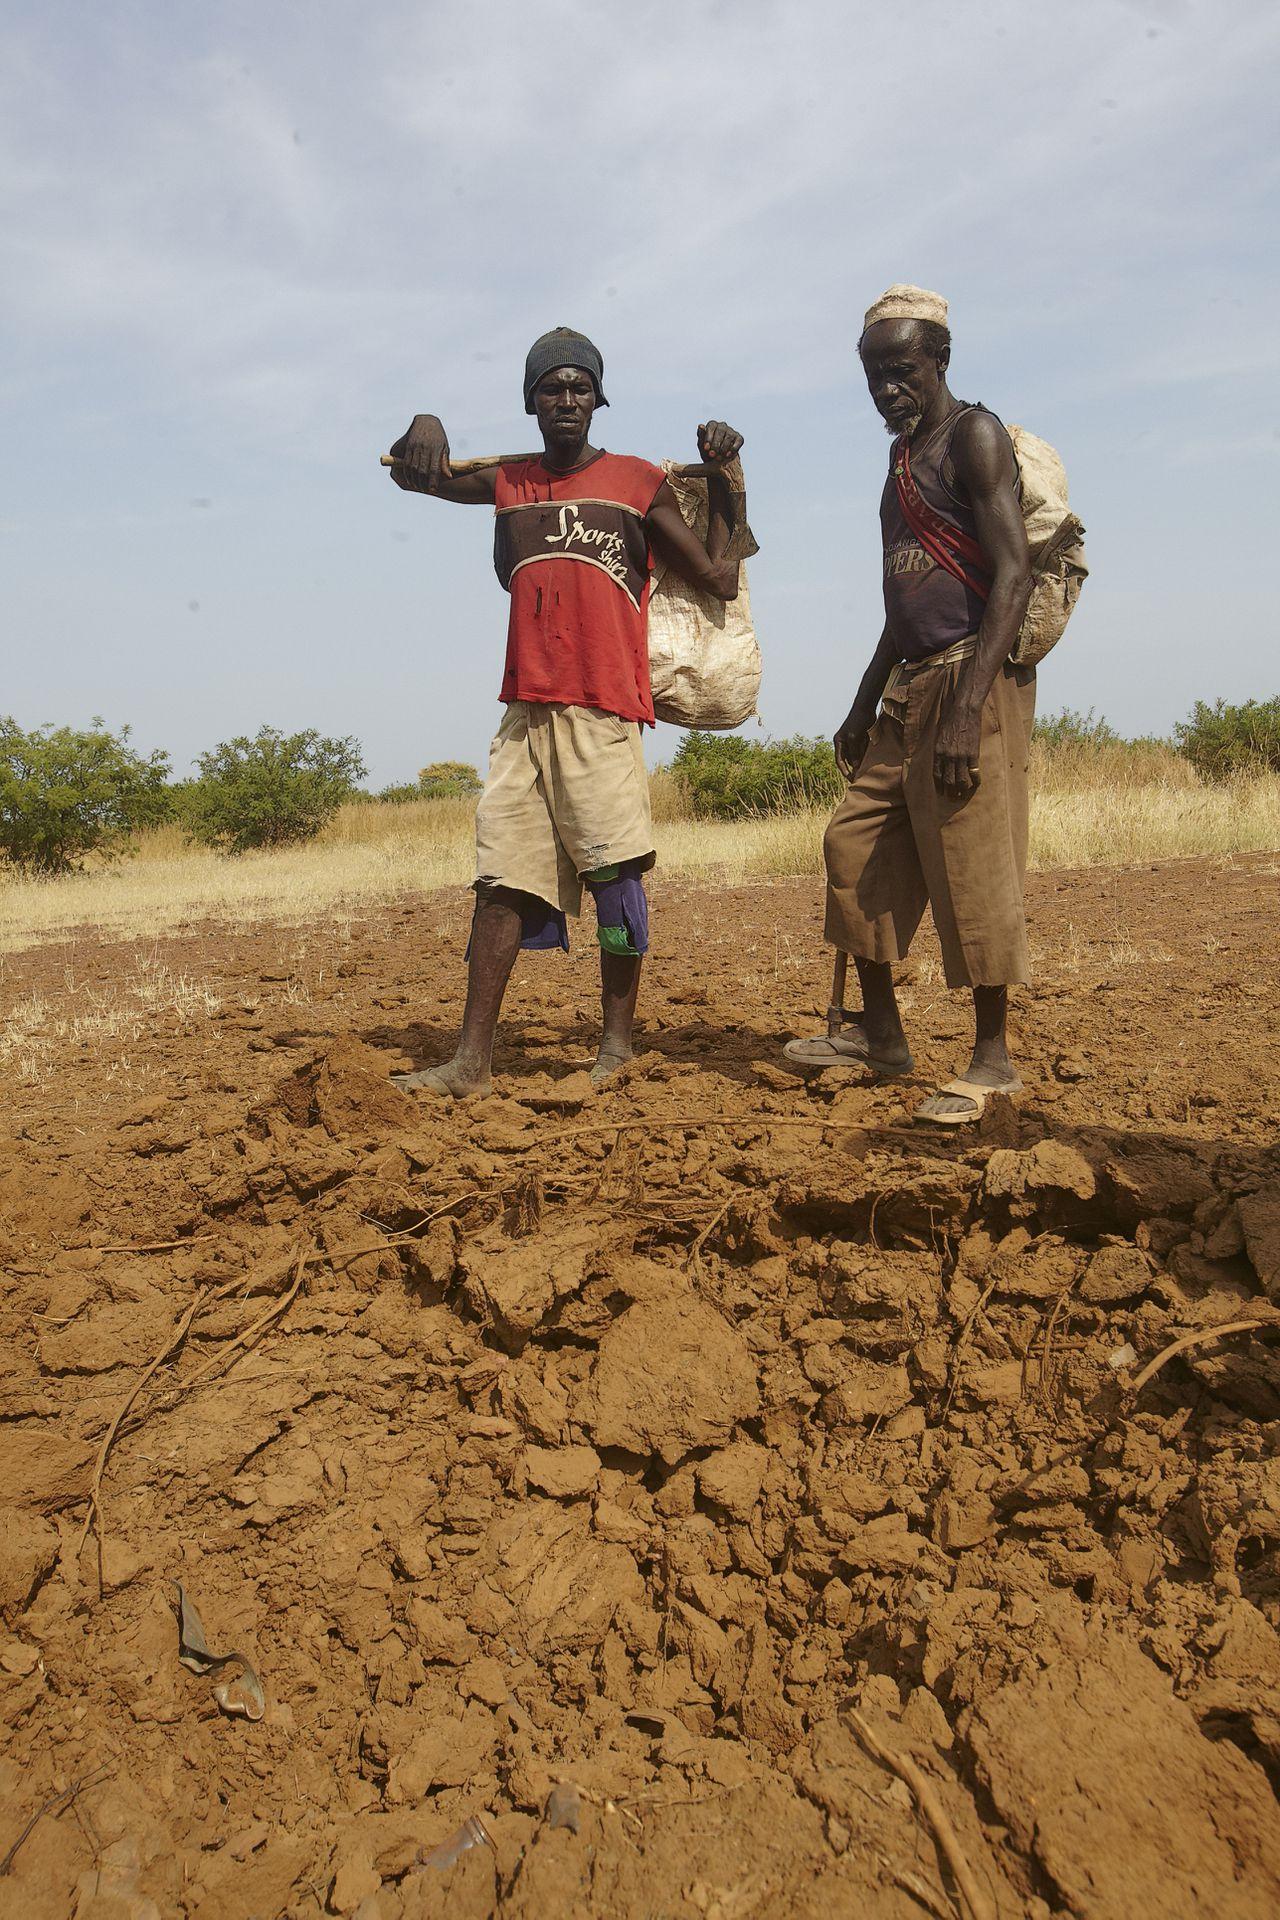 Soedan Sudan Southern Kardovan Buram Hassan Kaki links bij de krater die een dag voor wij er waren door een bom uit een MIg was geslagen. de herder zat bij een dikke boom dat was zijn redding 3 geiten overleefden het bombardement niet. Hassan is voor de derde keer dicht bij een bombardement. Nuba mountains 21-10-2012 foto: Jaco Klamer